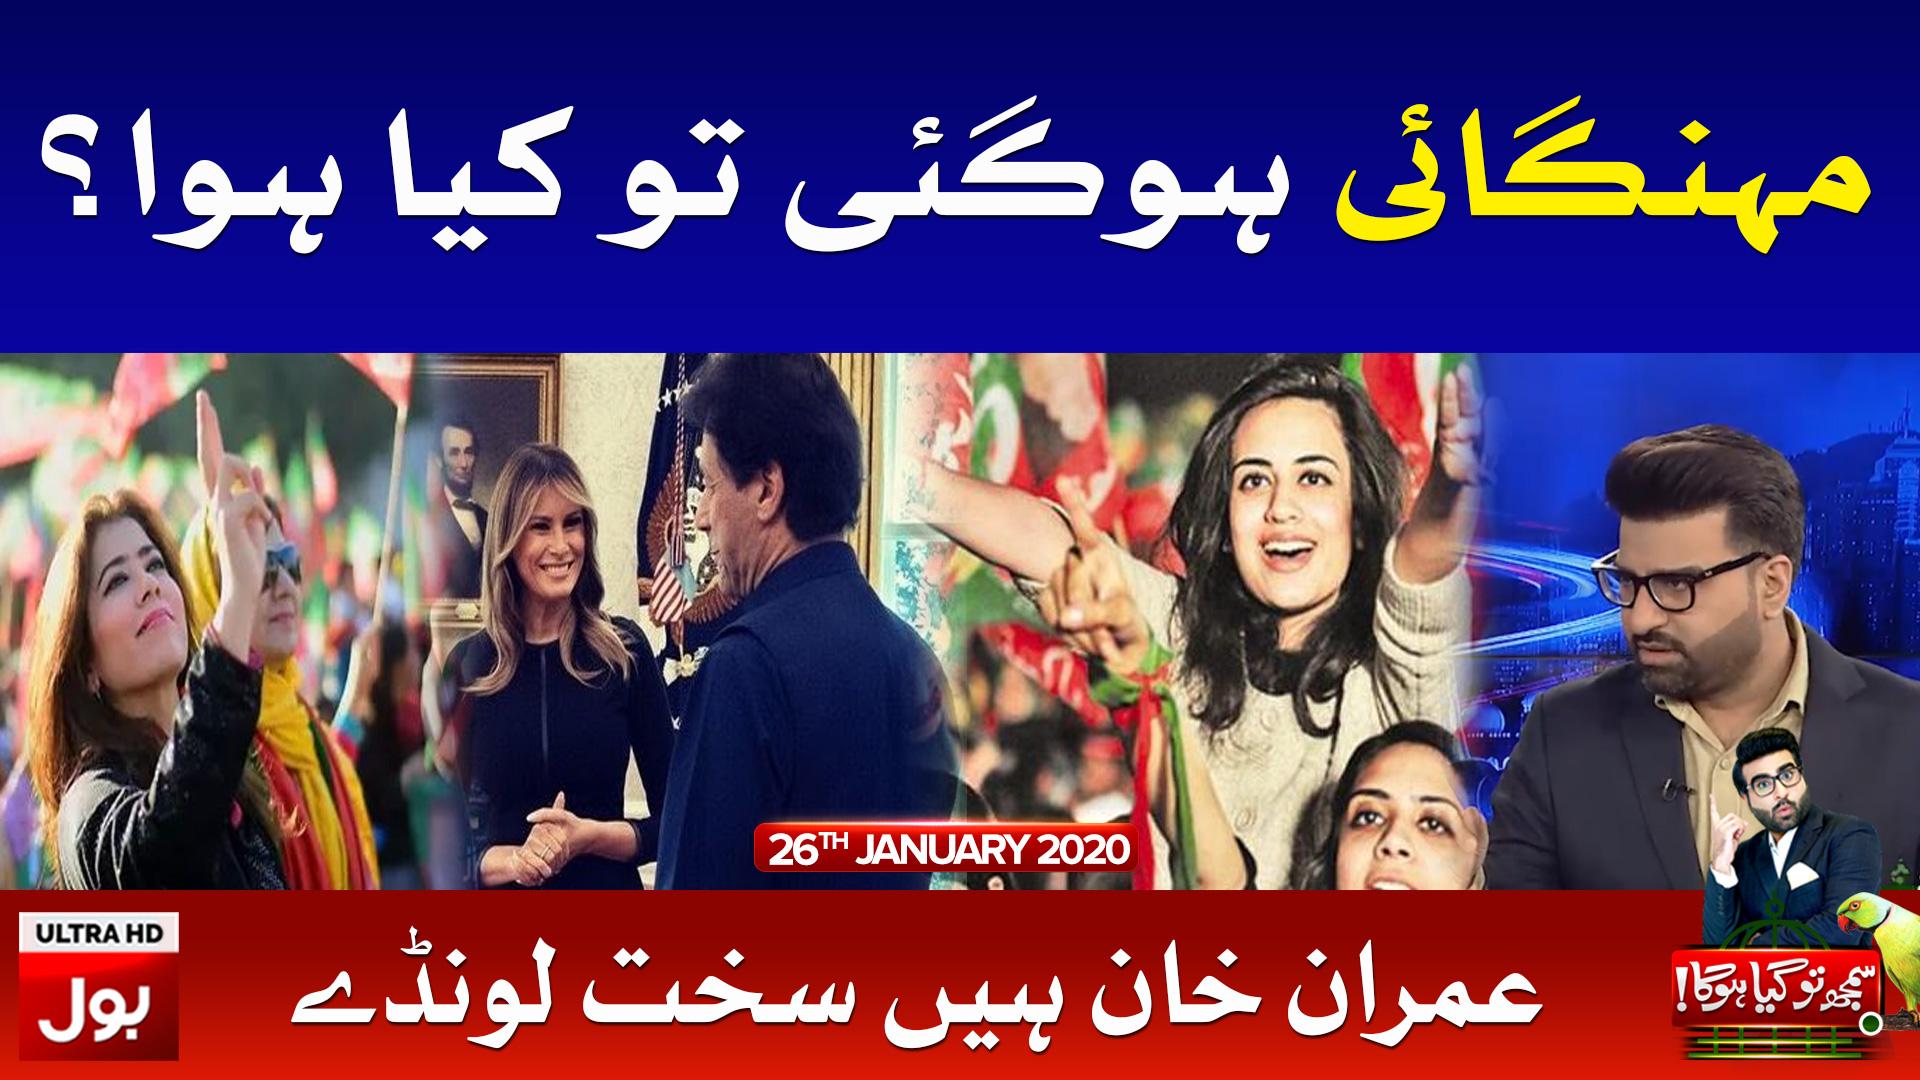 Samajh Tu Gaya Hoga | Comedy Show with Fahim Khan | Full Episode 26th Jan 2020 | BOL News